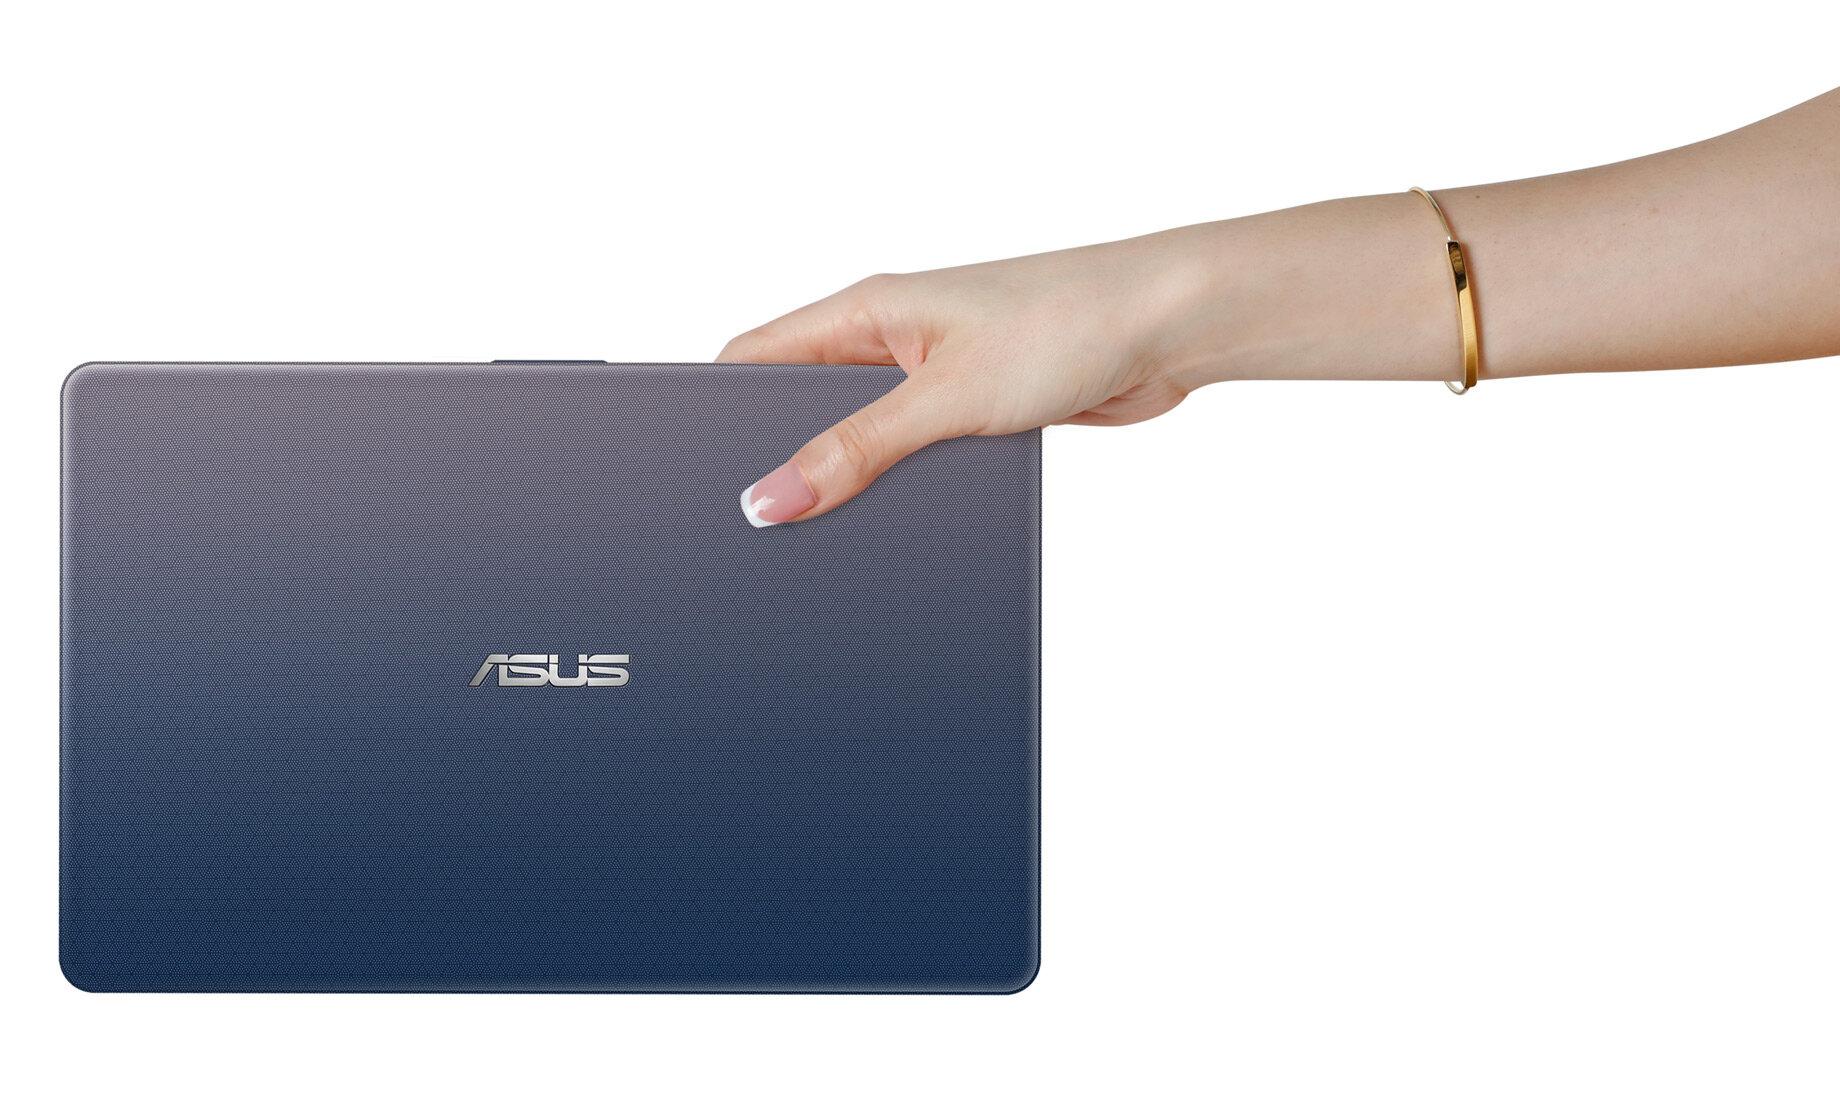 Màn hình gập 180 độ và thiết kế nhỏ hơn tờ giấy A4 chính là điểm đặc biệt của Asus E203MAH